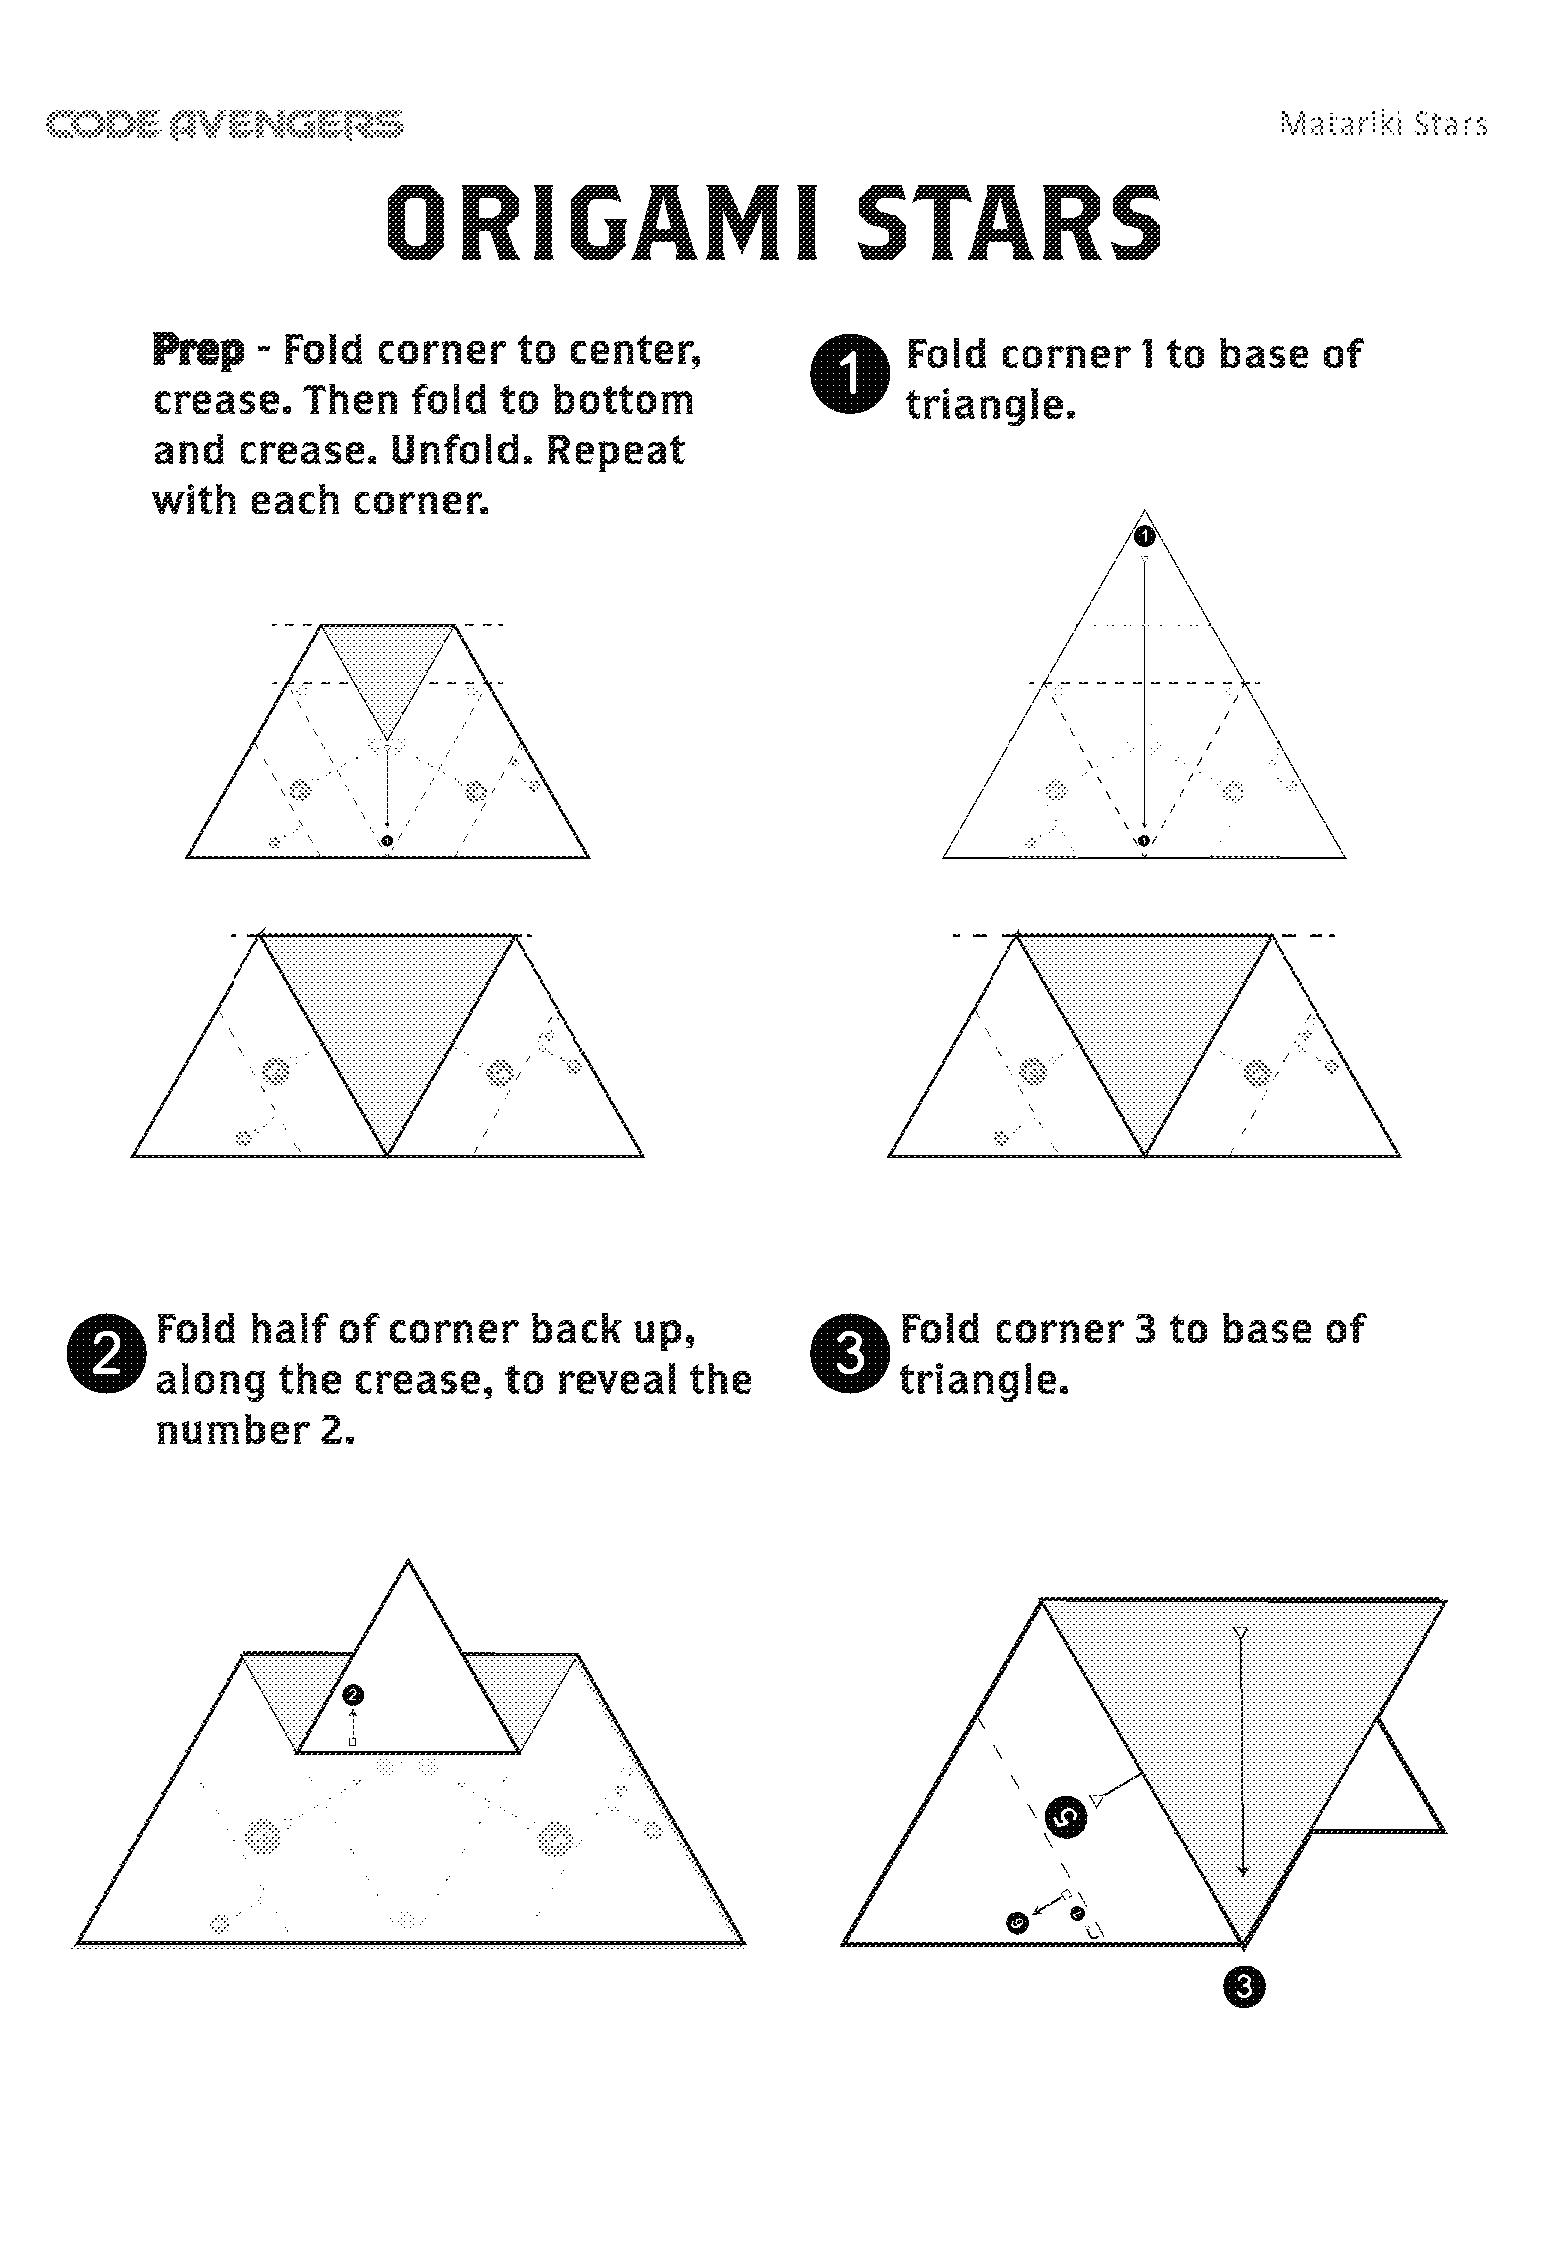 Star cluster - Matariki origami | Code Avengers on